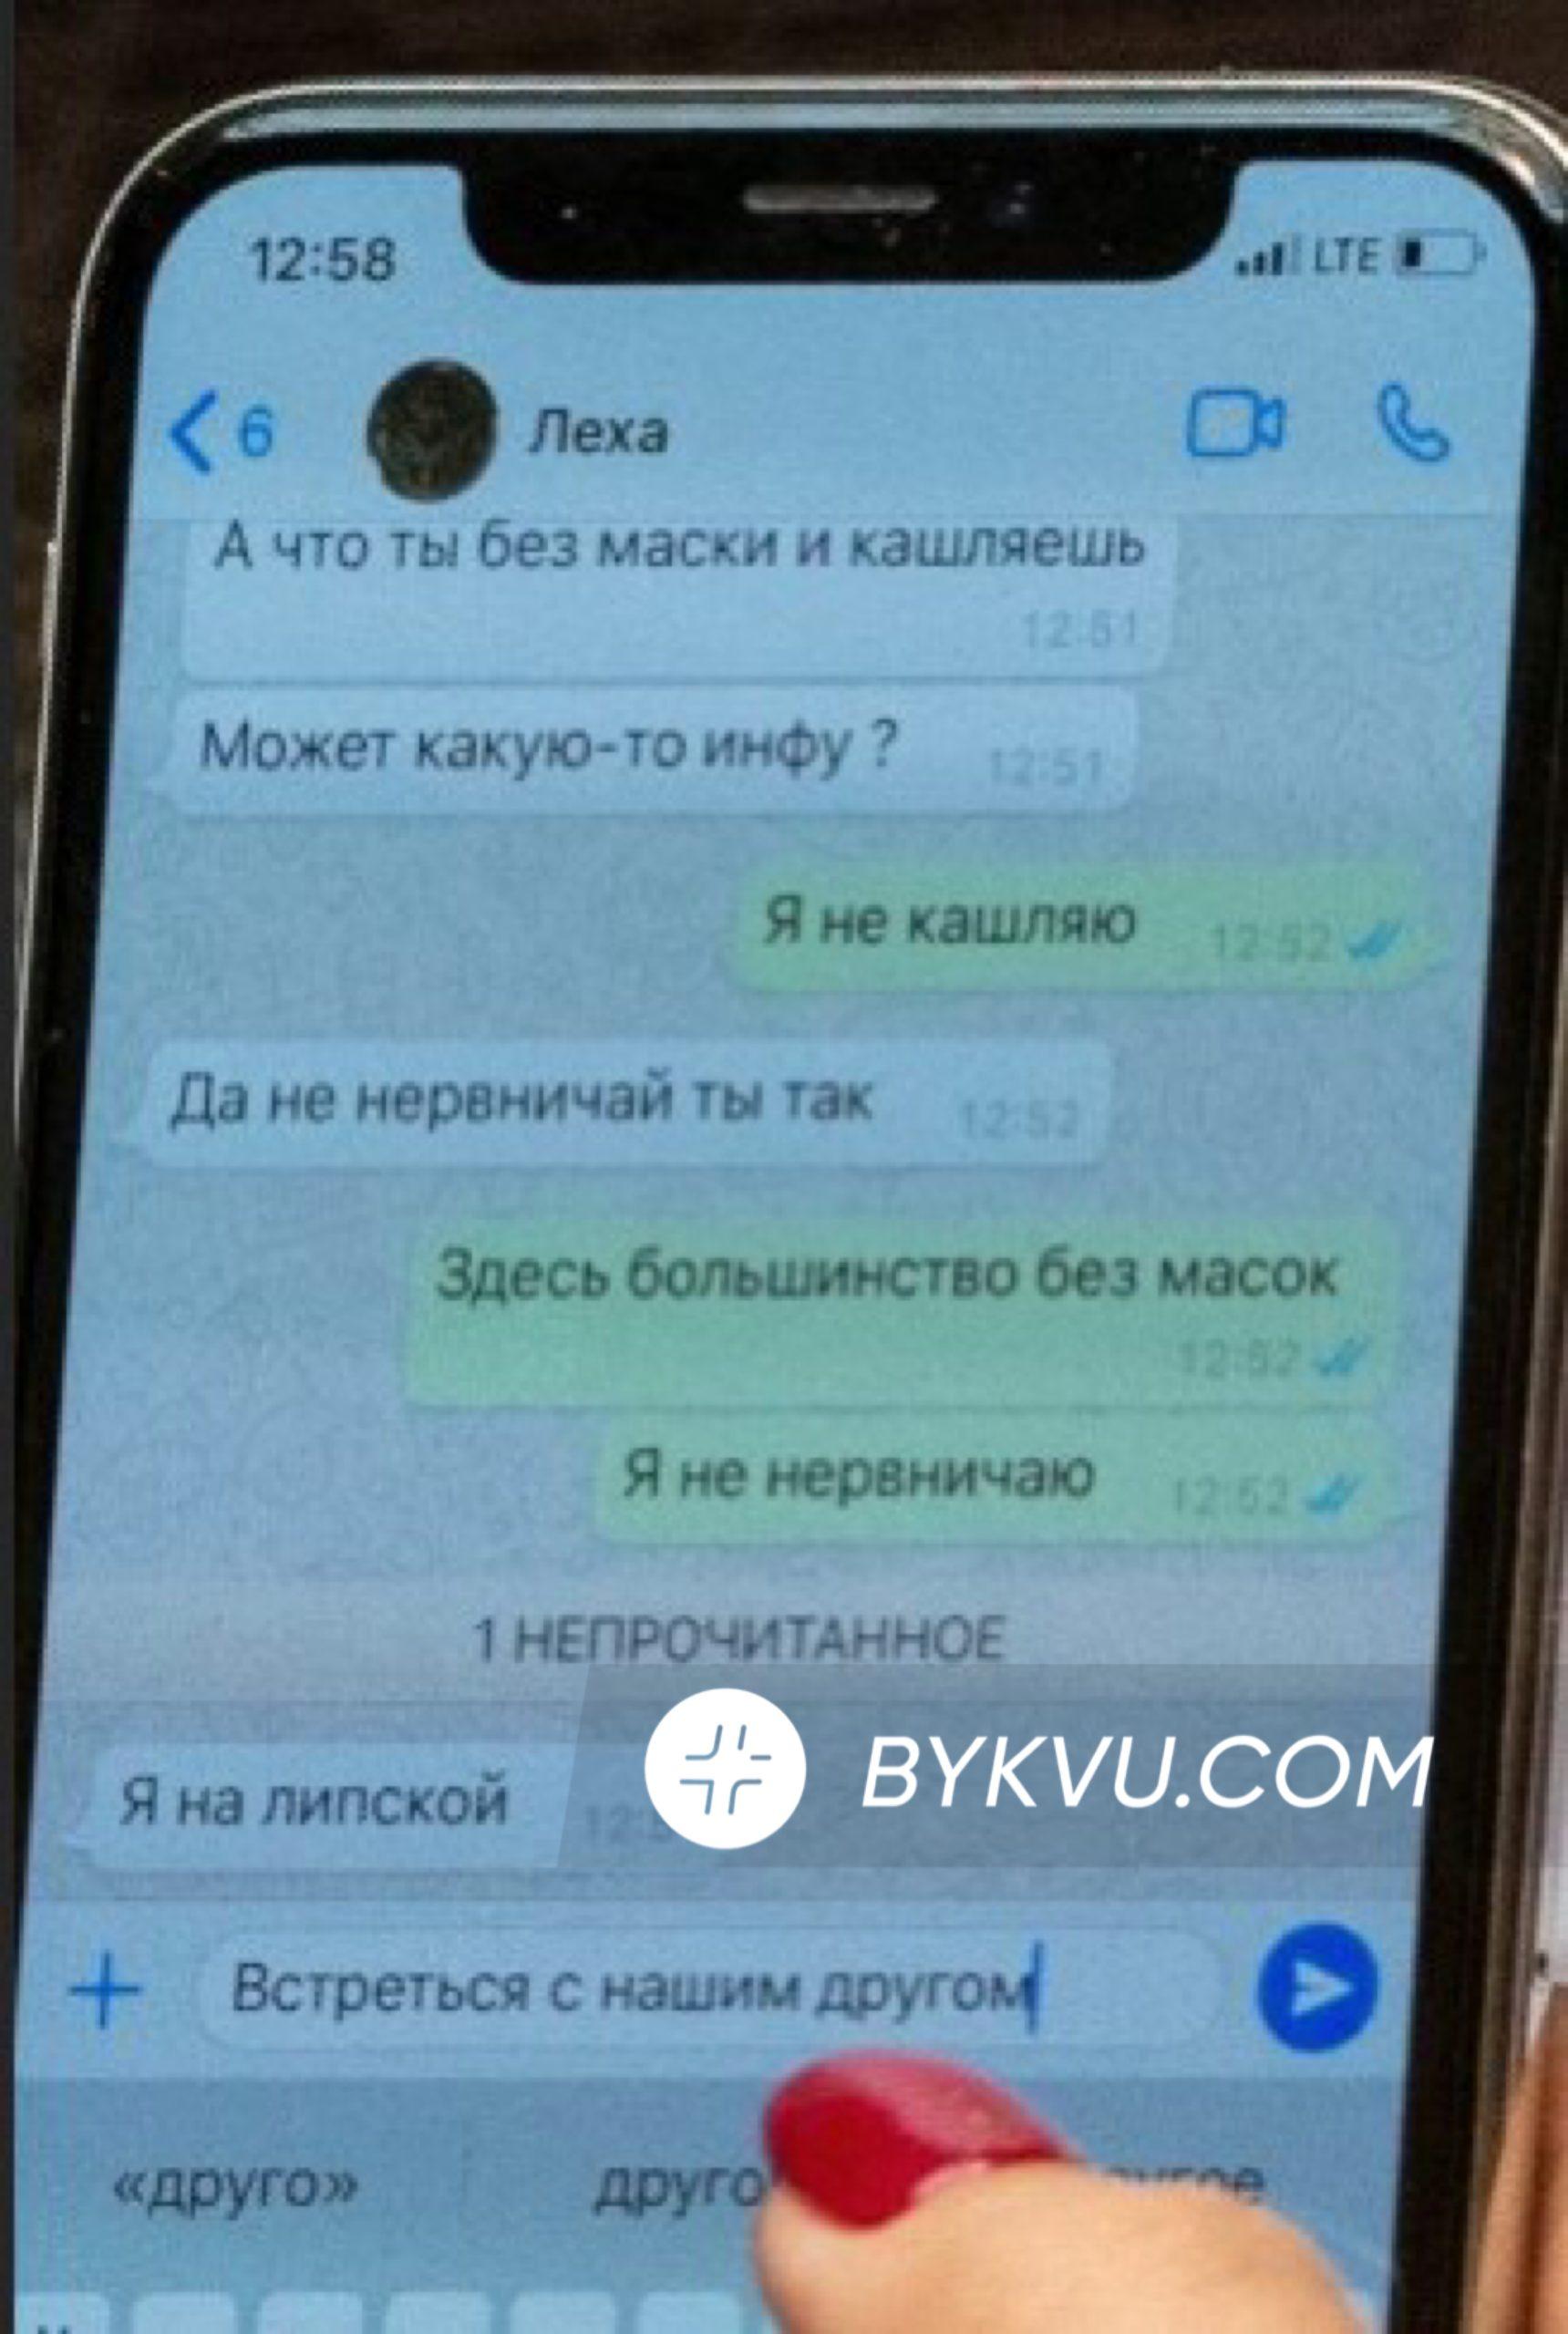 Переписка Скороход